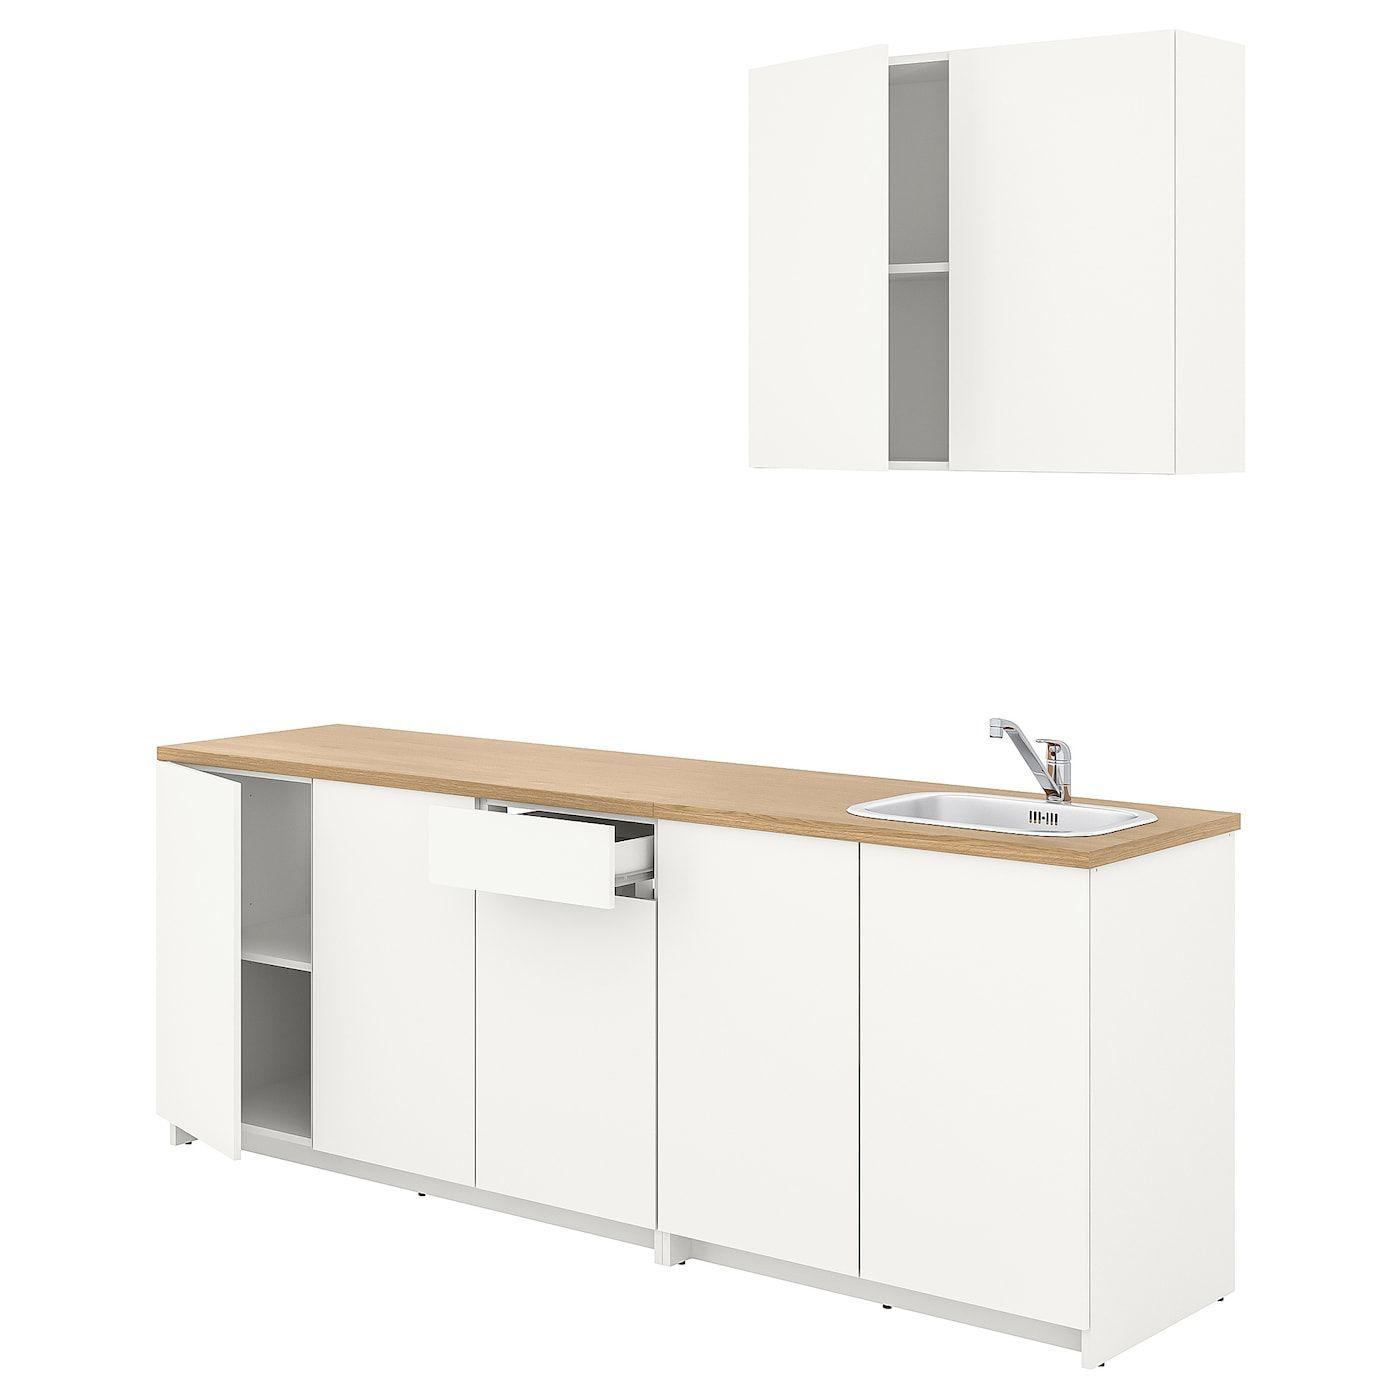 Knoxhult Ikea Kitchen Cabinets Kf In 2020 Ikea Ikea Kitchen Cabinet